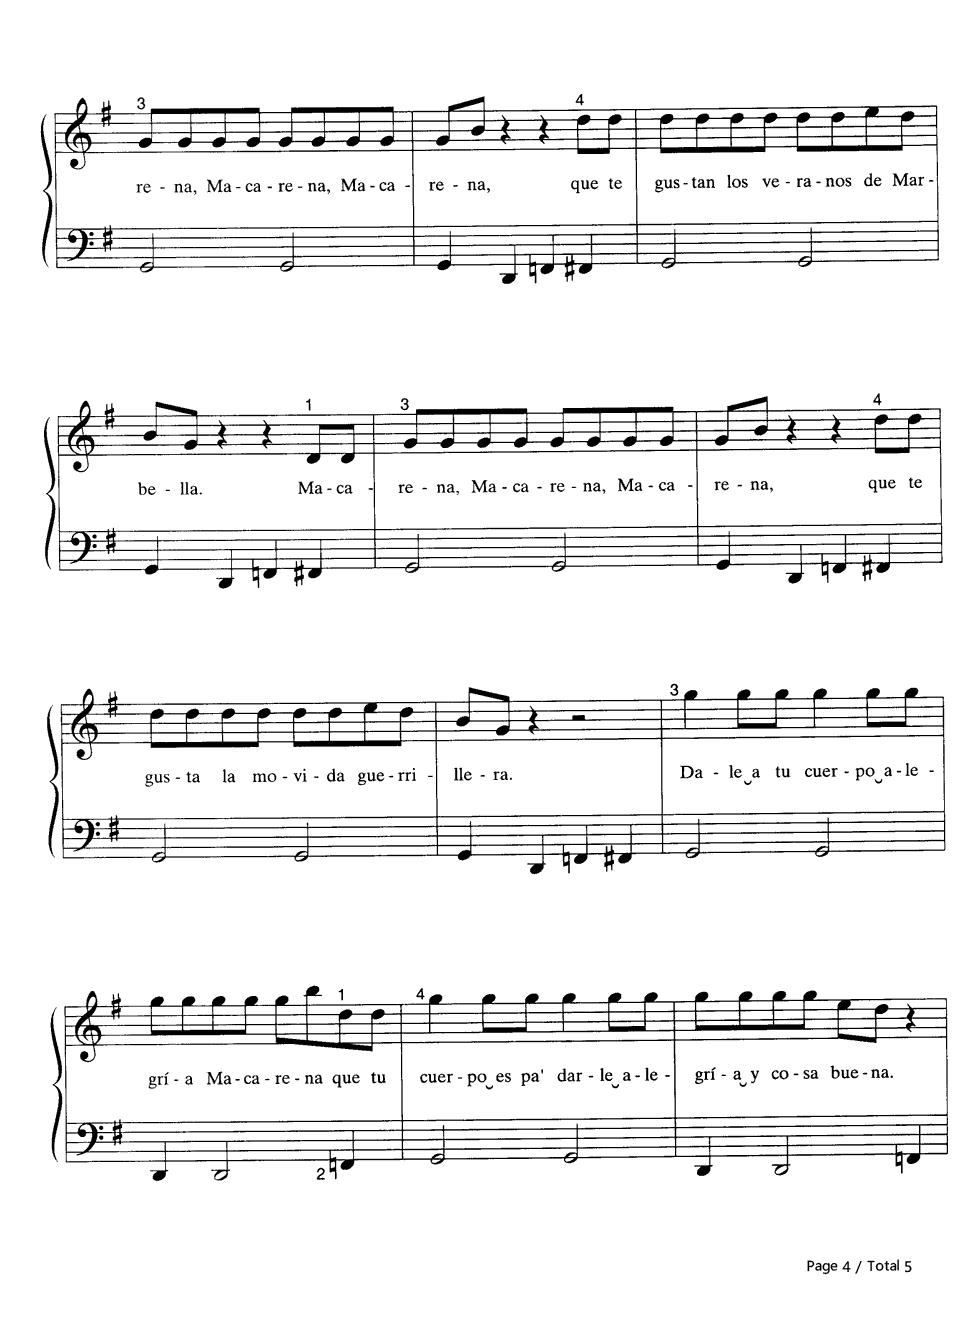 暴风雪钢琴曲谱-五线谱预览4 钢琴谱档 五线谱 双手简谱 数位谱 Midi PDF 免费下载